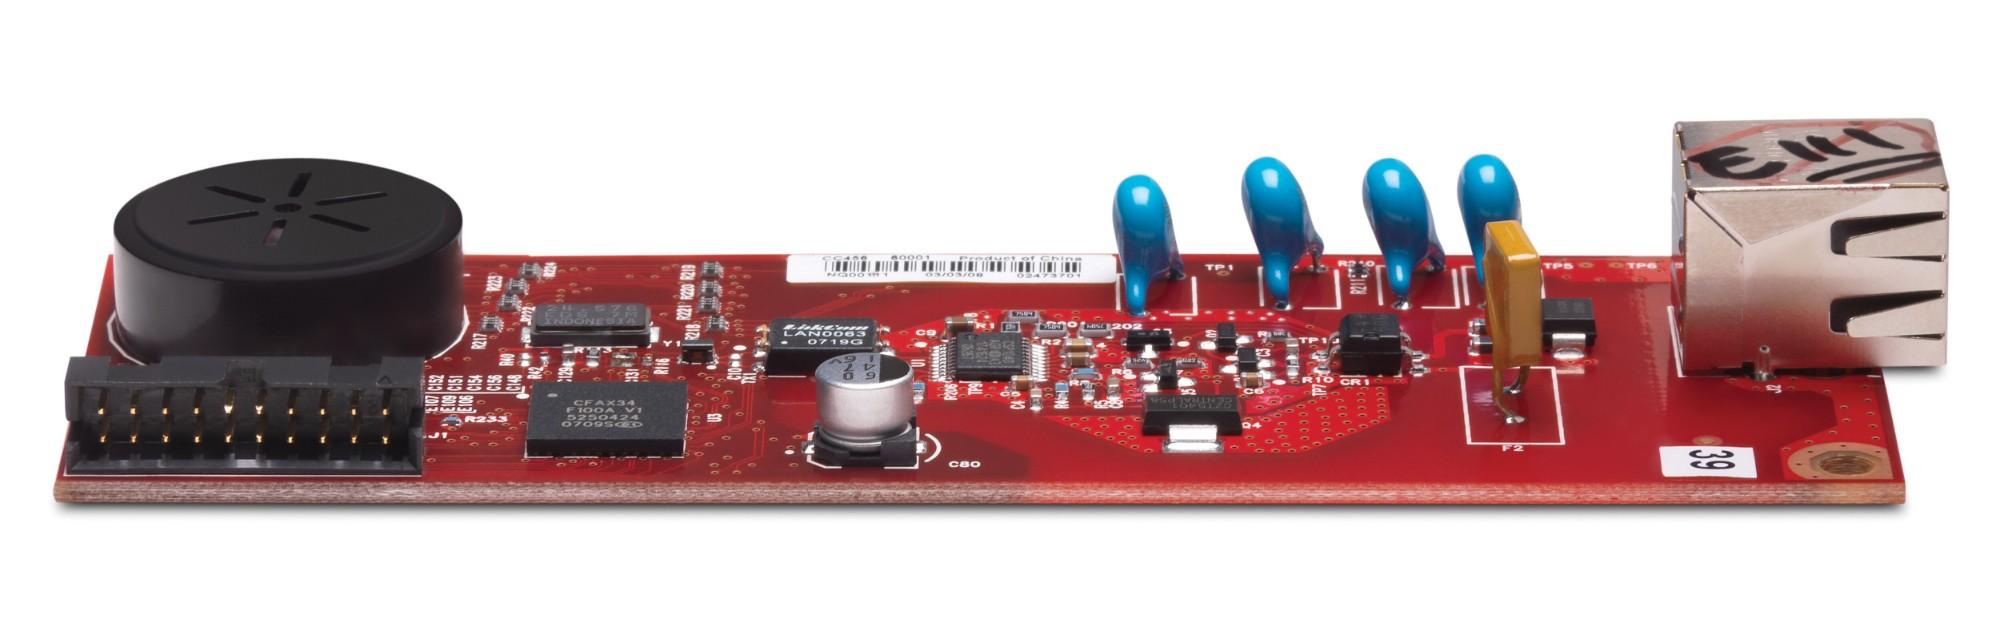 HP Accesorio de fax analógico para impresora multifuncional LaserJet 600